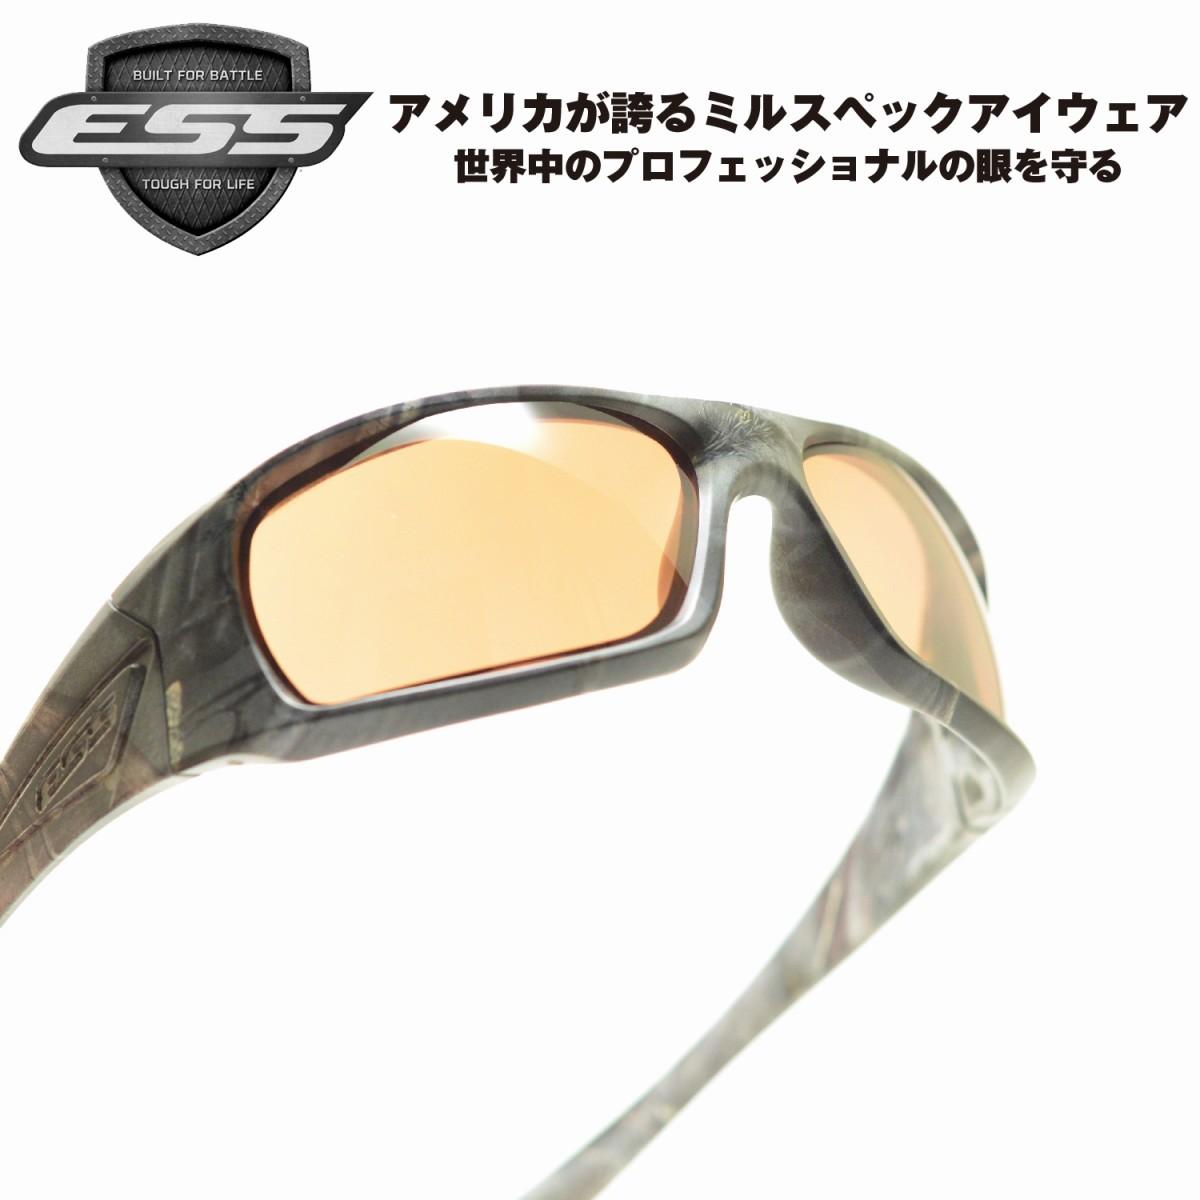 ESS イーエスエス 5B ファイブビー EE9006-13 リーパーウッズ/ミラーコッパーメガネ 眼鏡 めがね メンズ レディース おしゃれ ブランド 人気 おすすめ フレーム 流行り 度付き レンズ サングラス